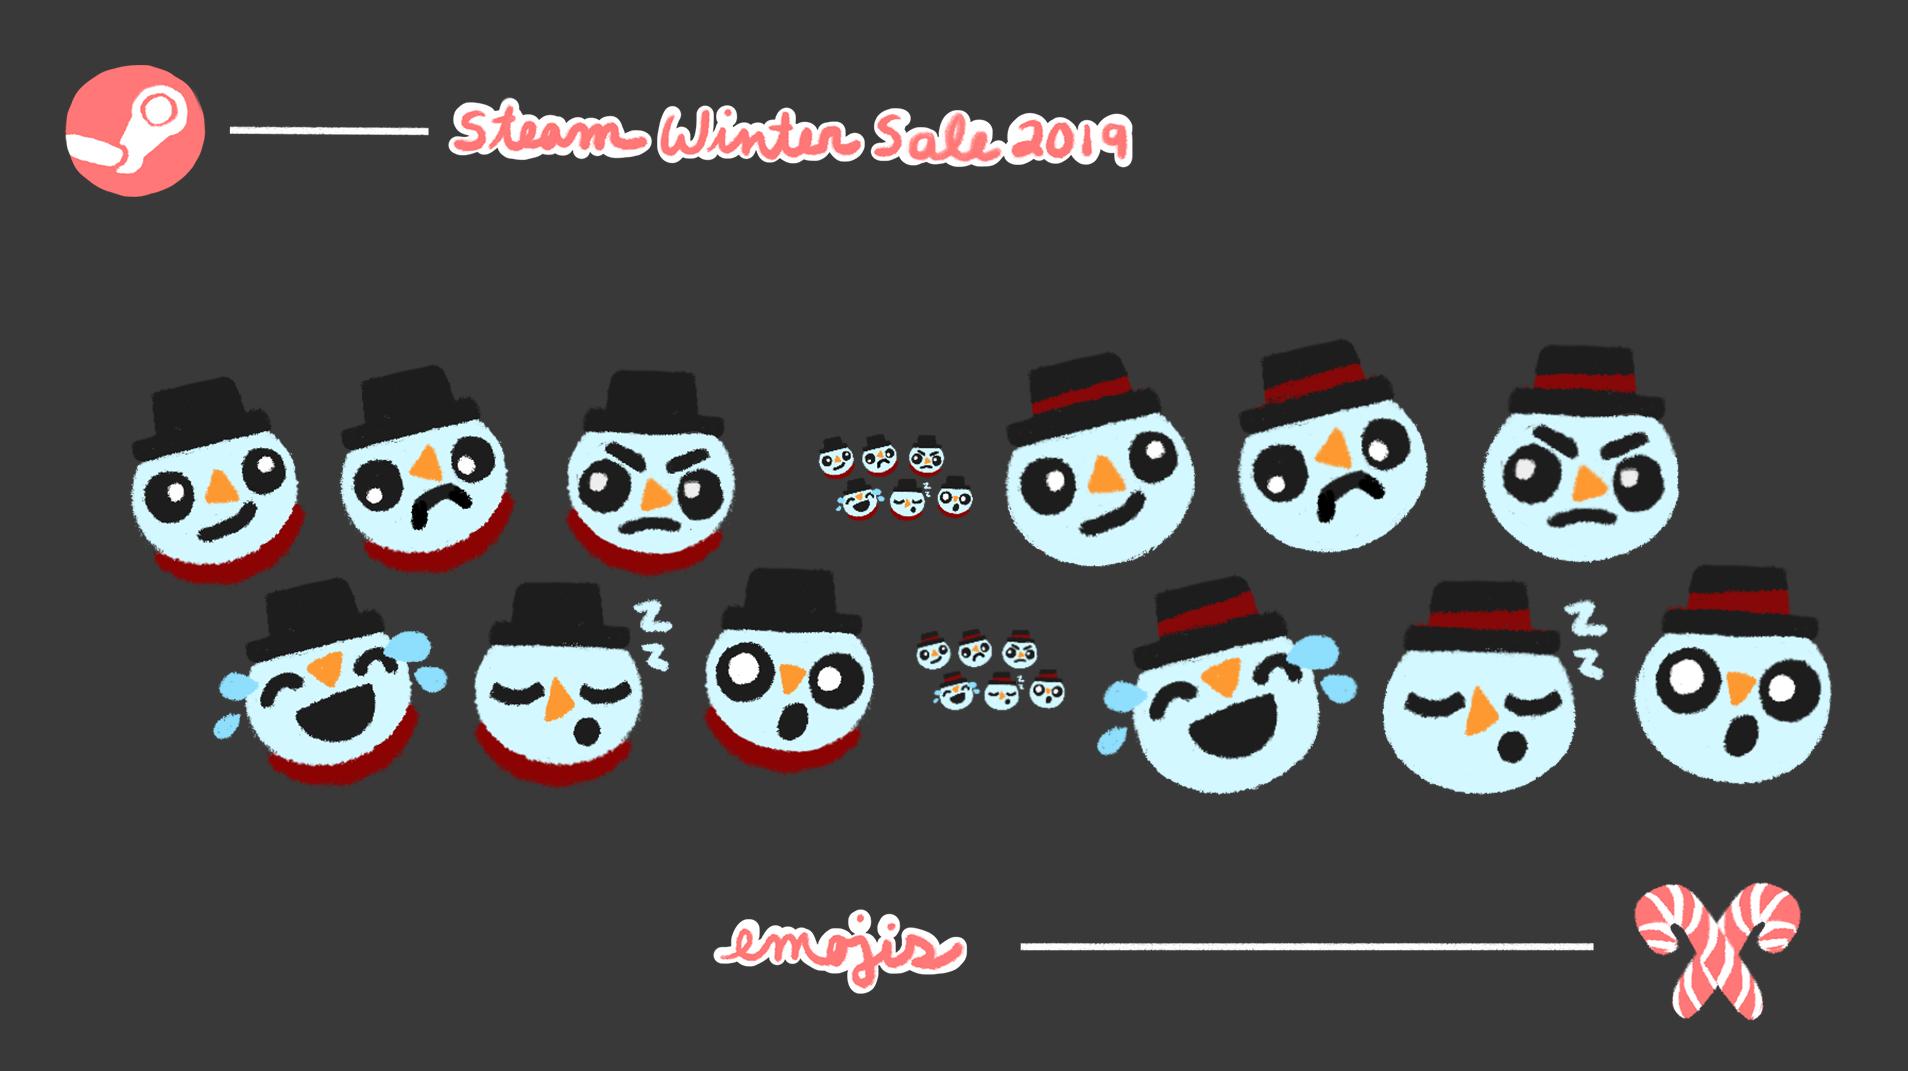 snowman emojis.png